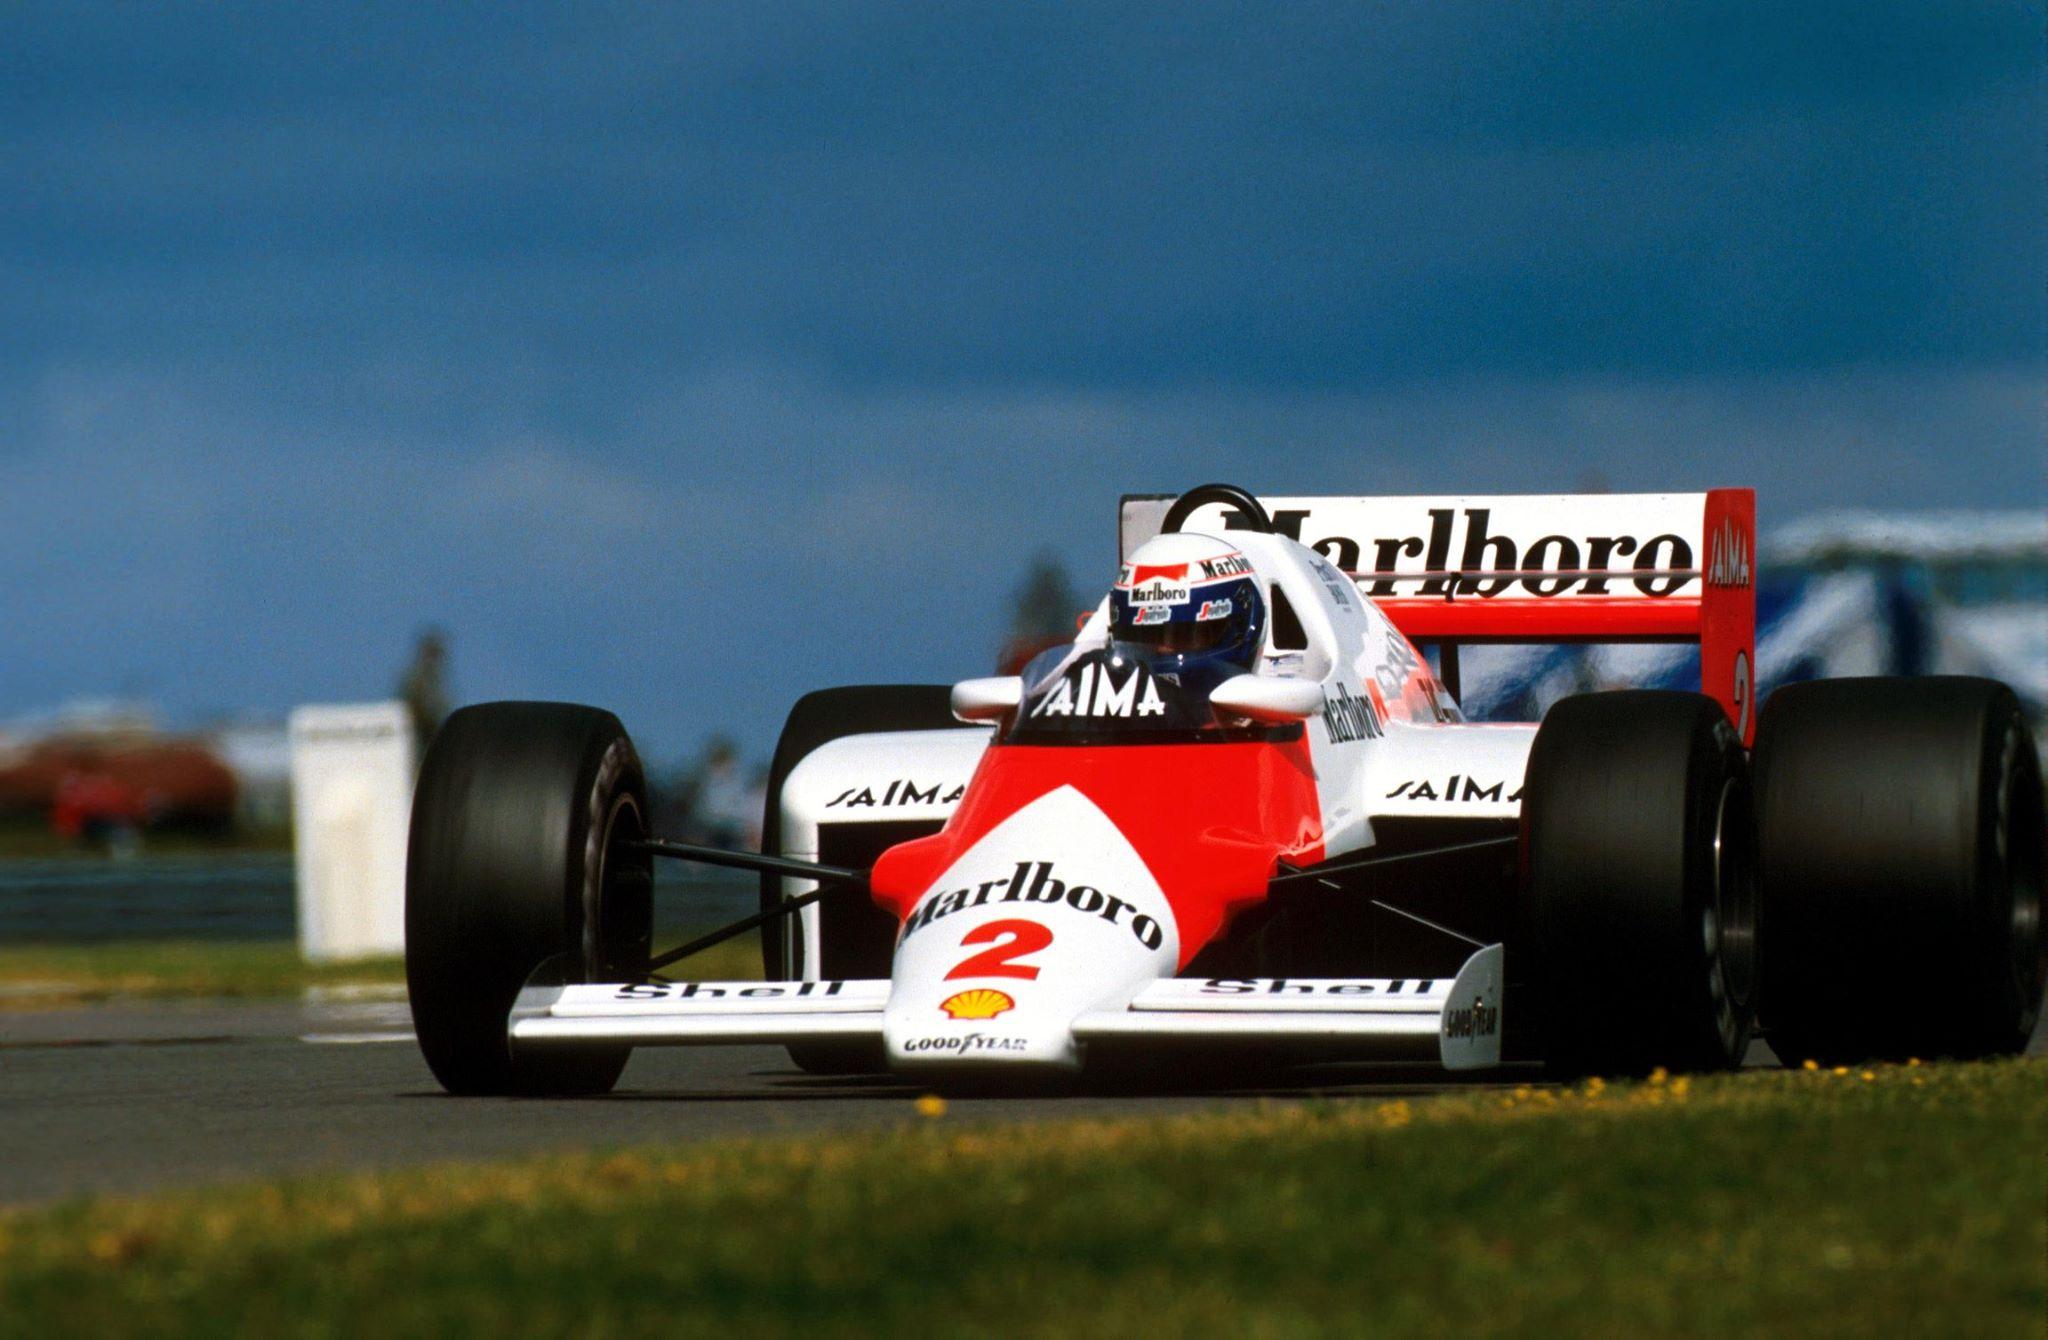 1985 - Marlboro McLaren International